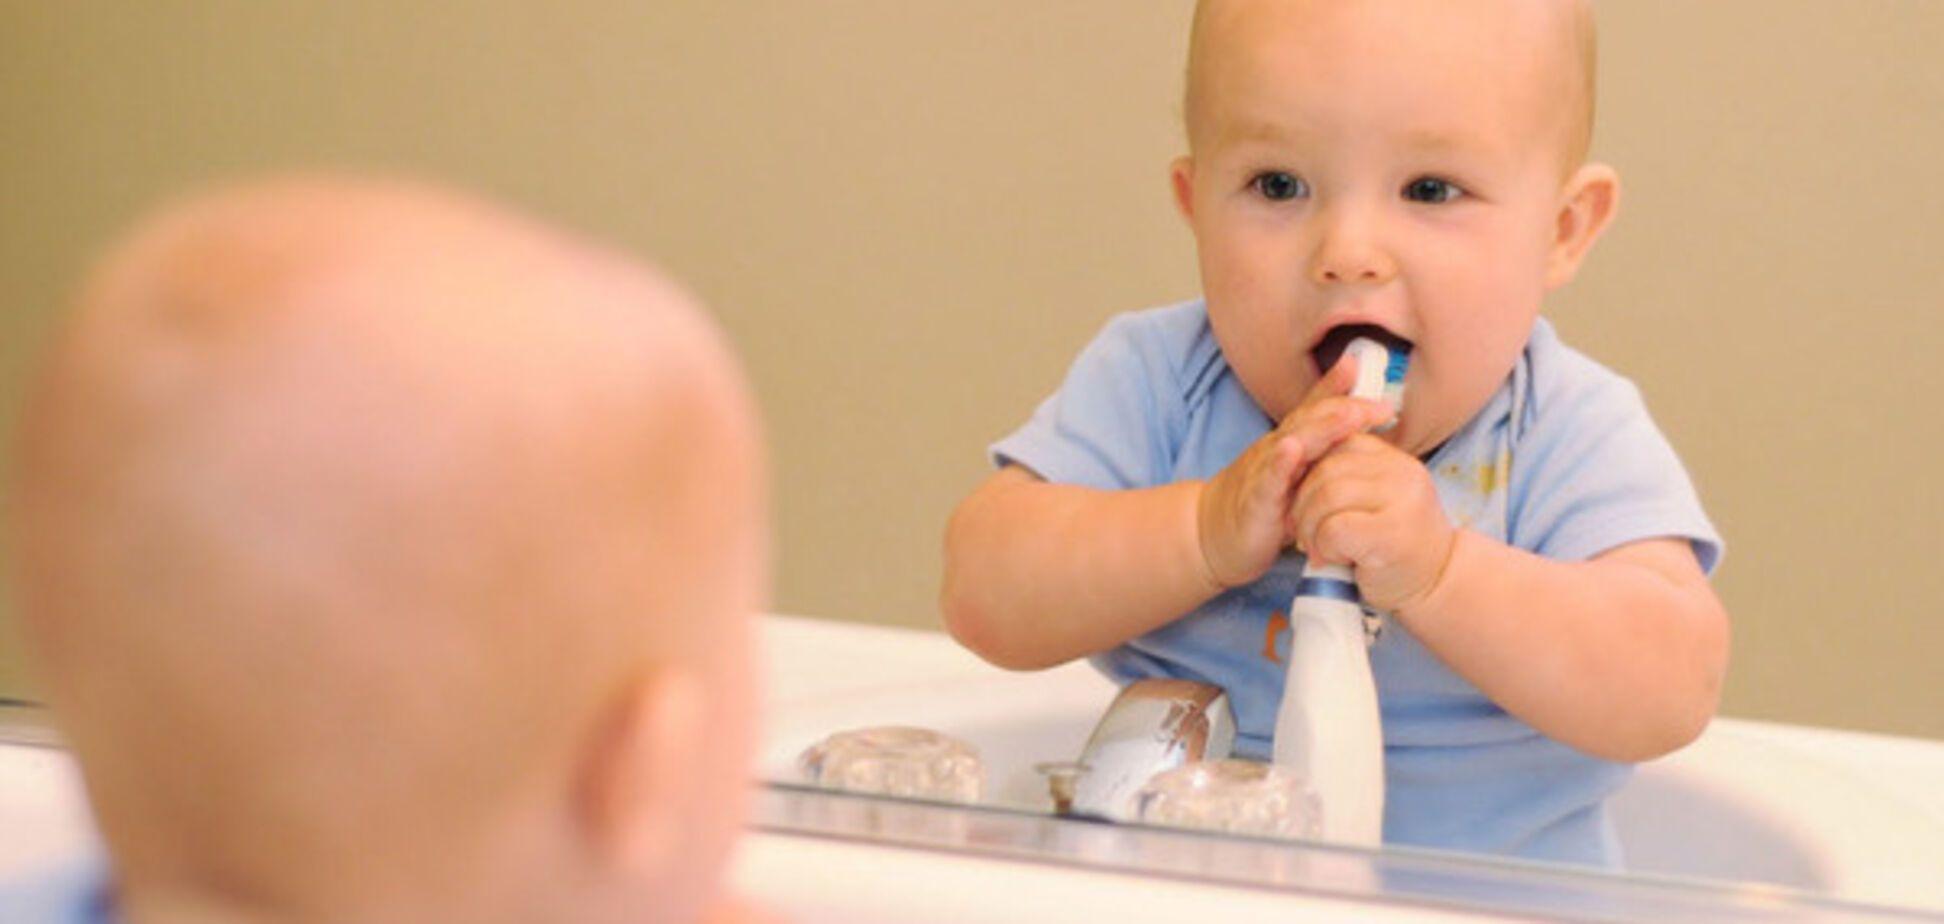 Комаровський розвіяв популярний міф про прорізування зубів